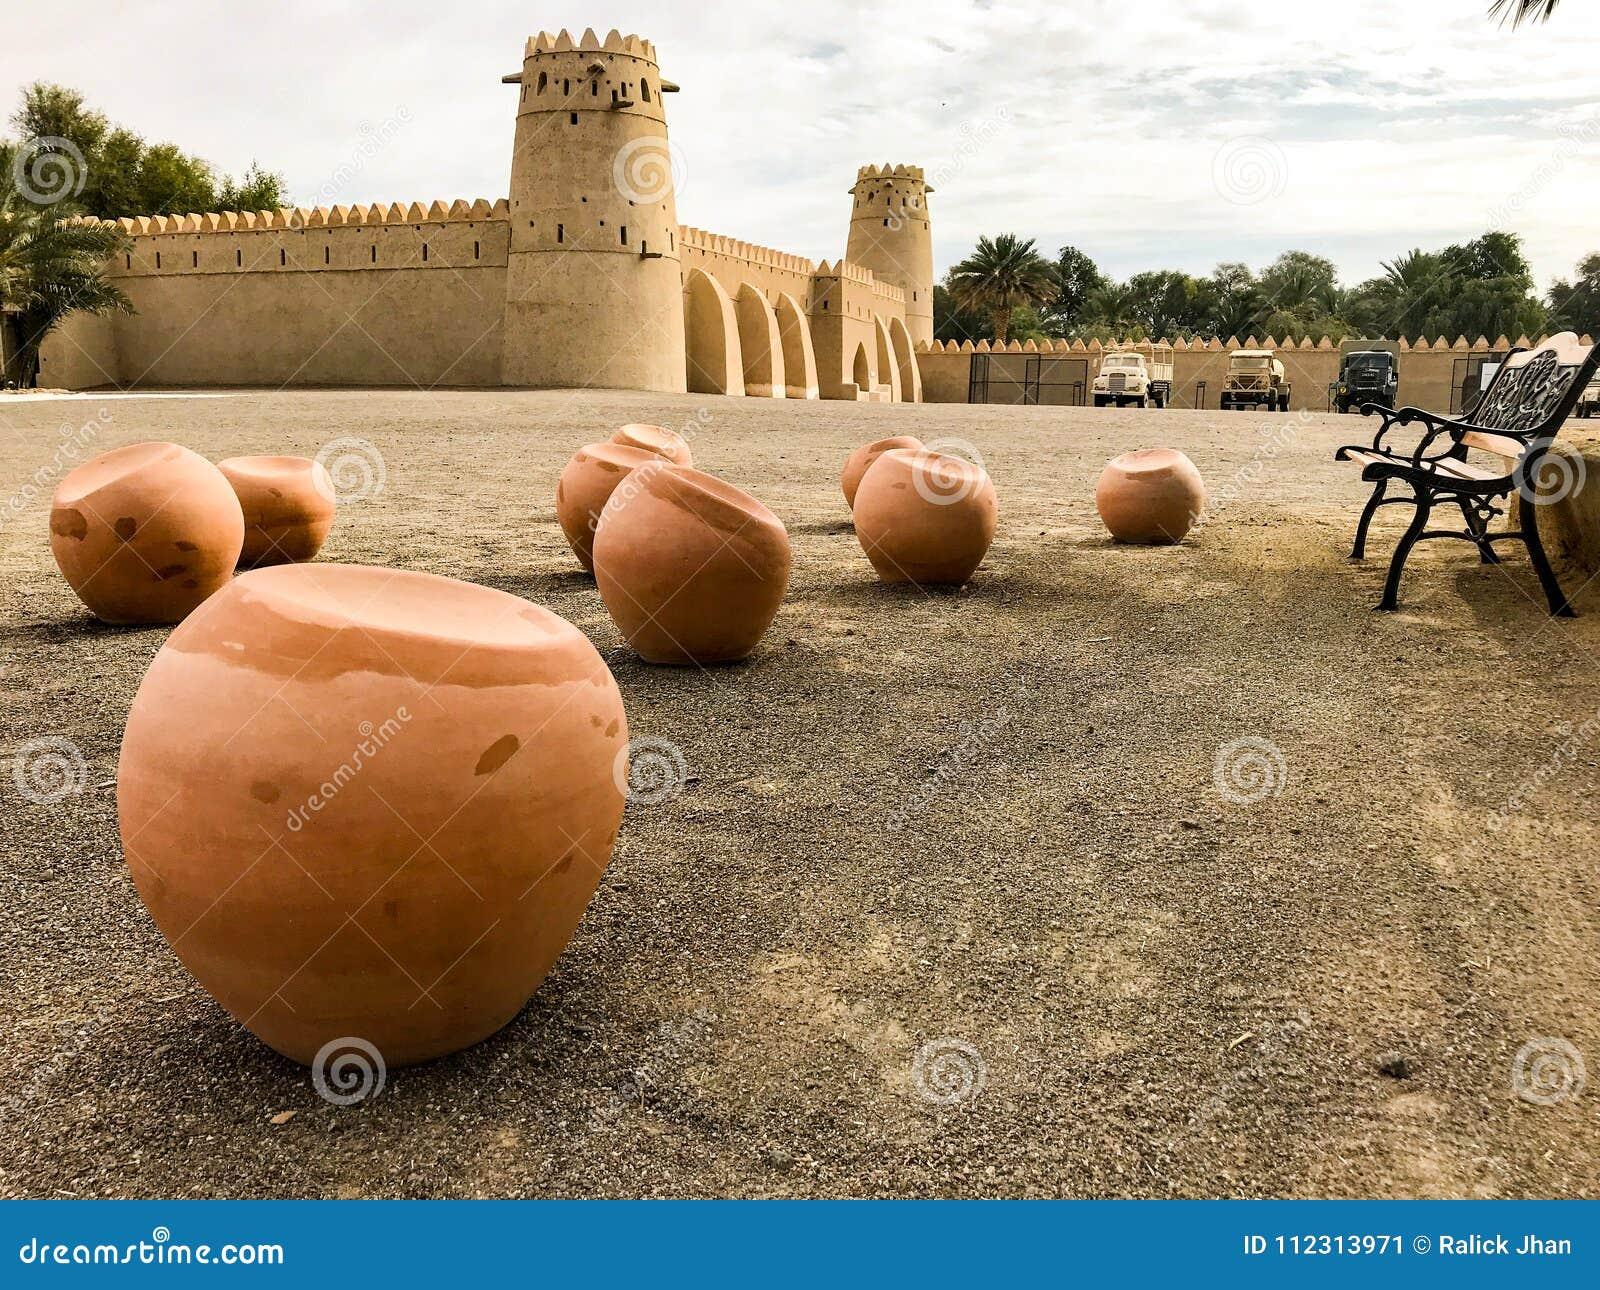 Al Jahili Fort è uno del UAE's la maggior parte dei monumenti storici